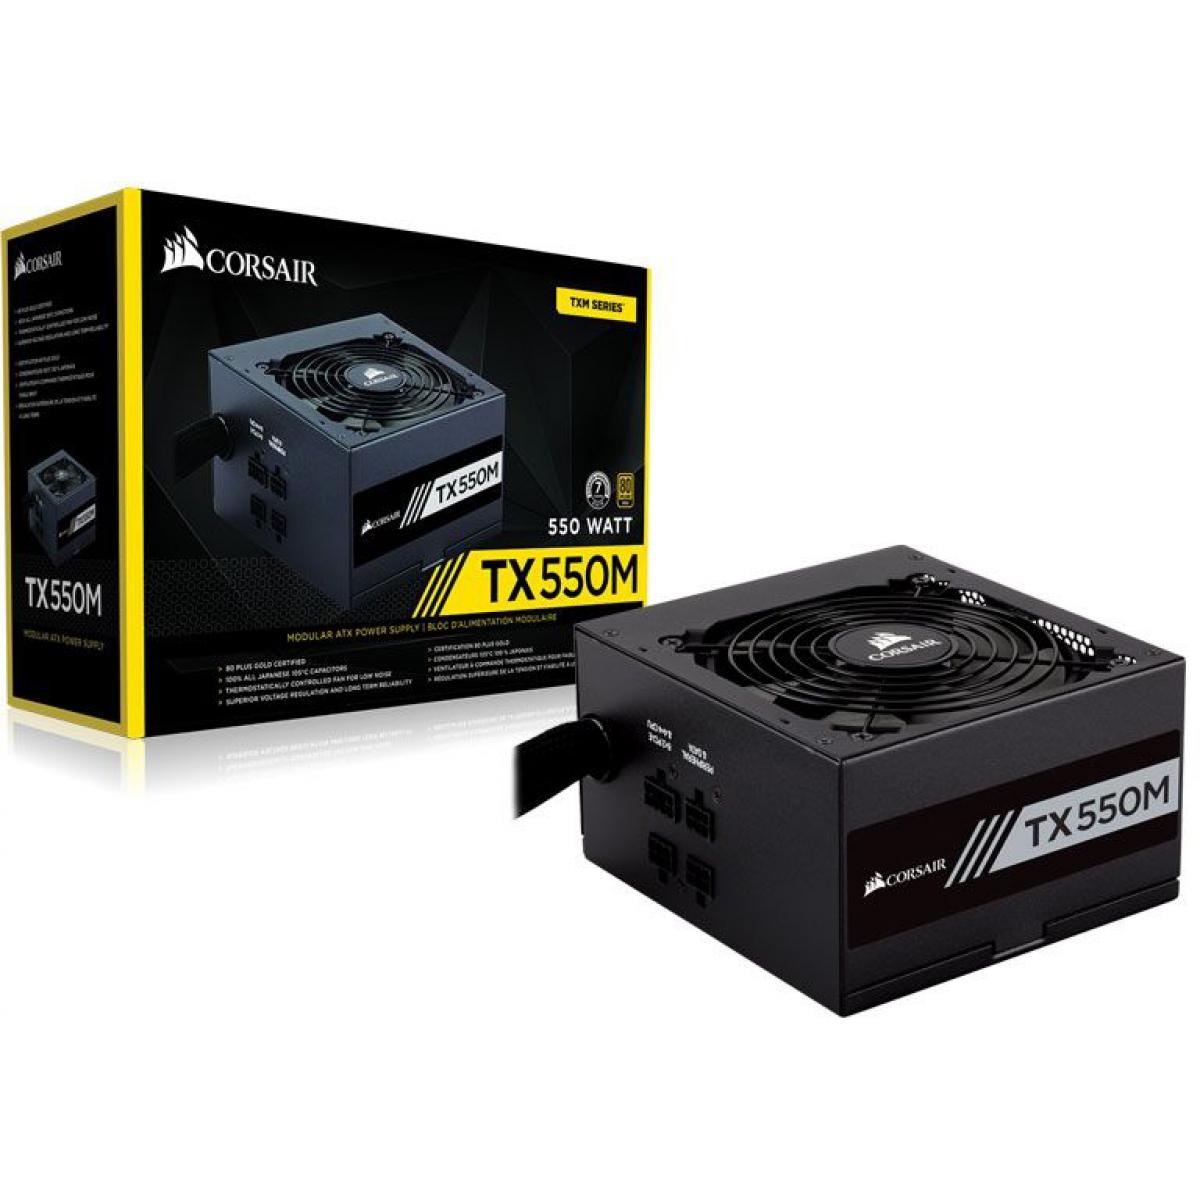 Fonte Corsair TX550M 550W, 80 Plus Gold, PFC Ativo, Semi Modular, CP-9020133-WW